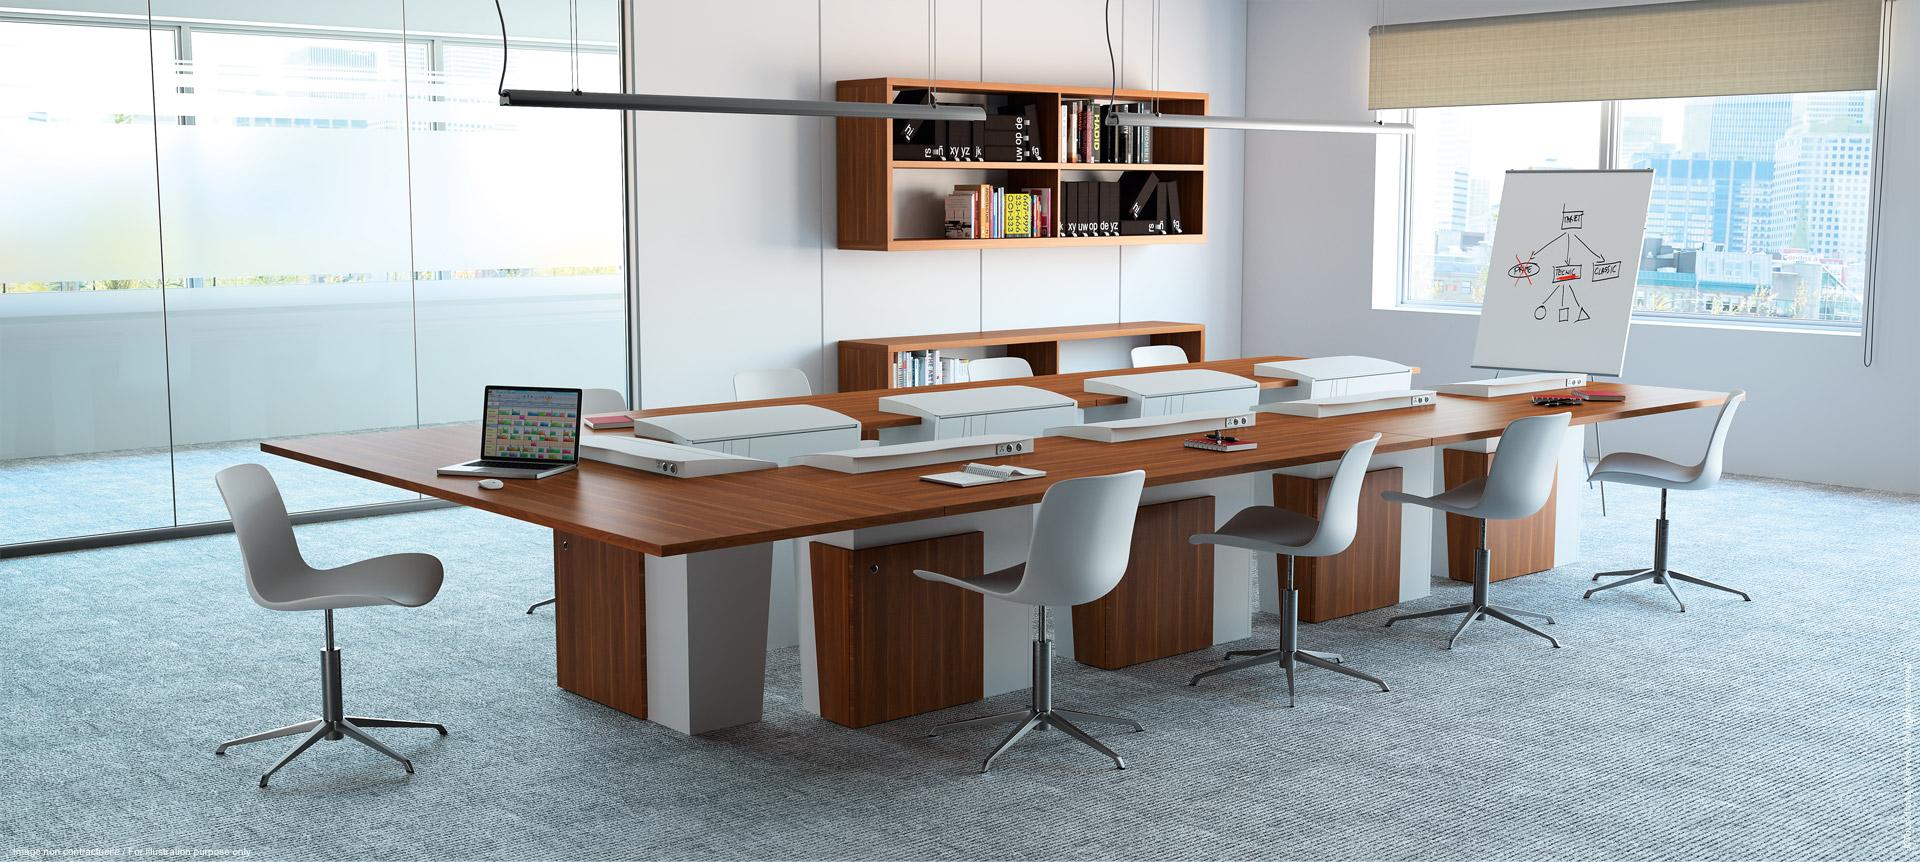 I-RISE - table de réunion polyvalente pour salle de formation, visioconférence, crise